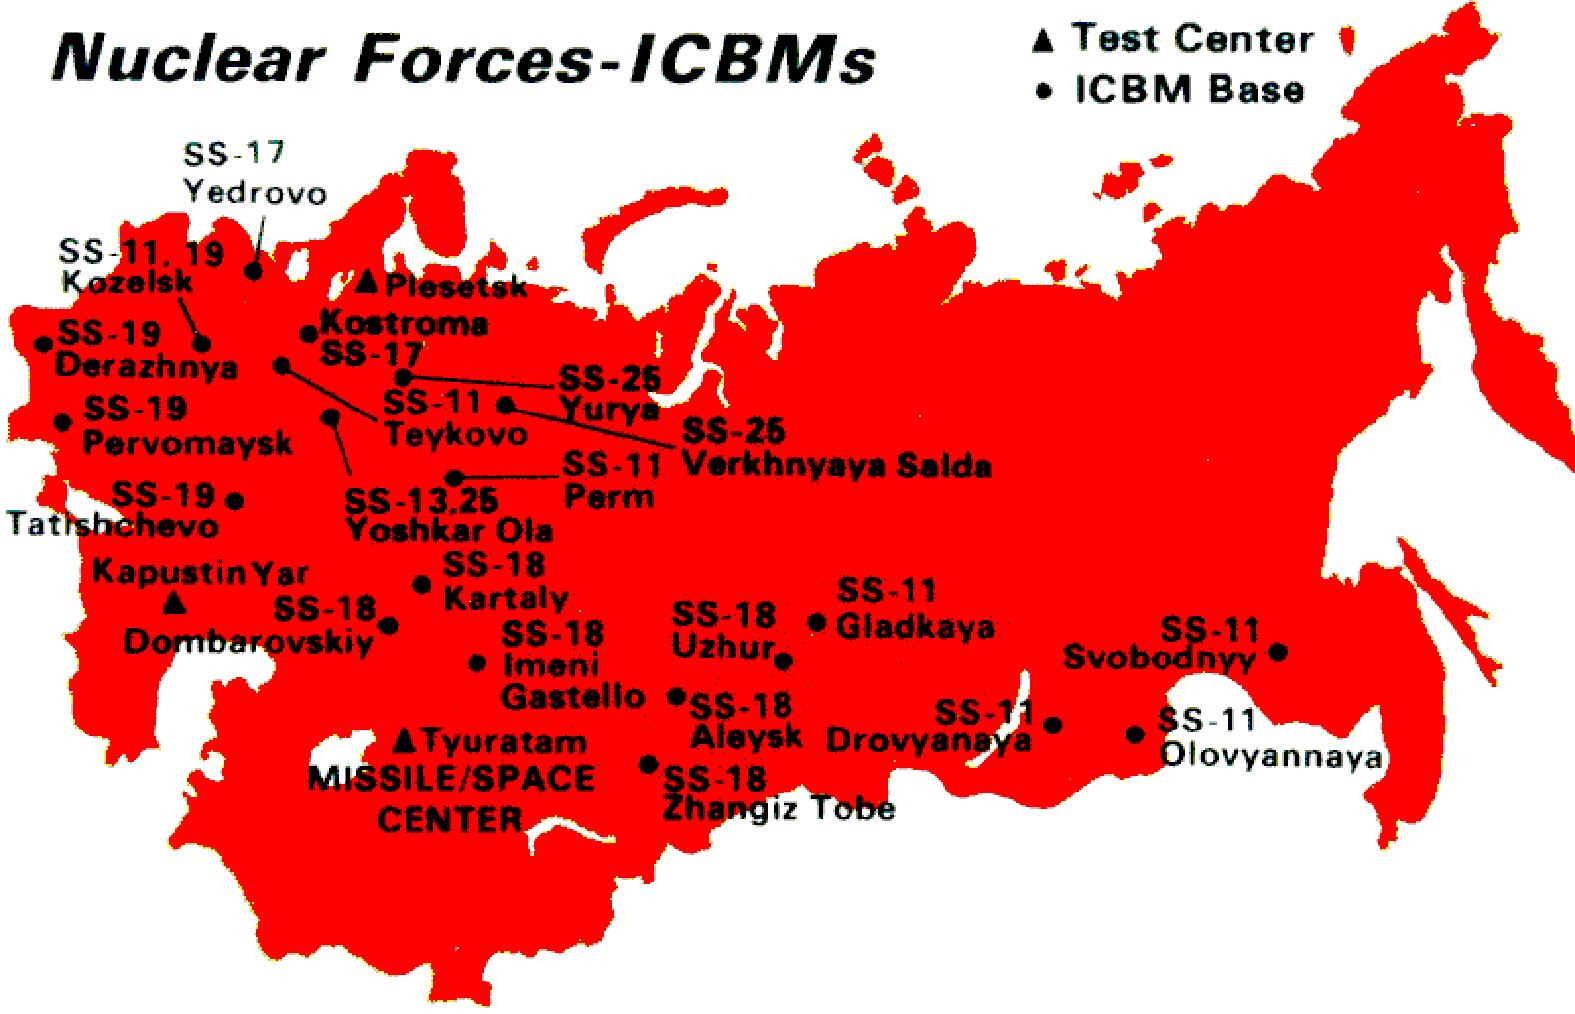 Az egykori szovjet interkontinentális ballisztikus rakéták telepítési helyszínei illetve kísérleti telepek az 1980-as években #moszkvater